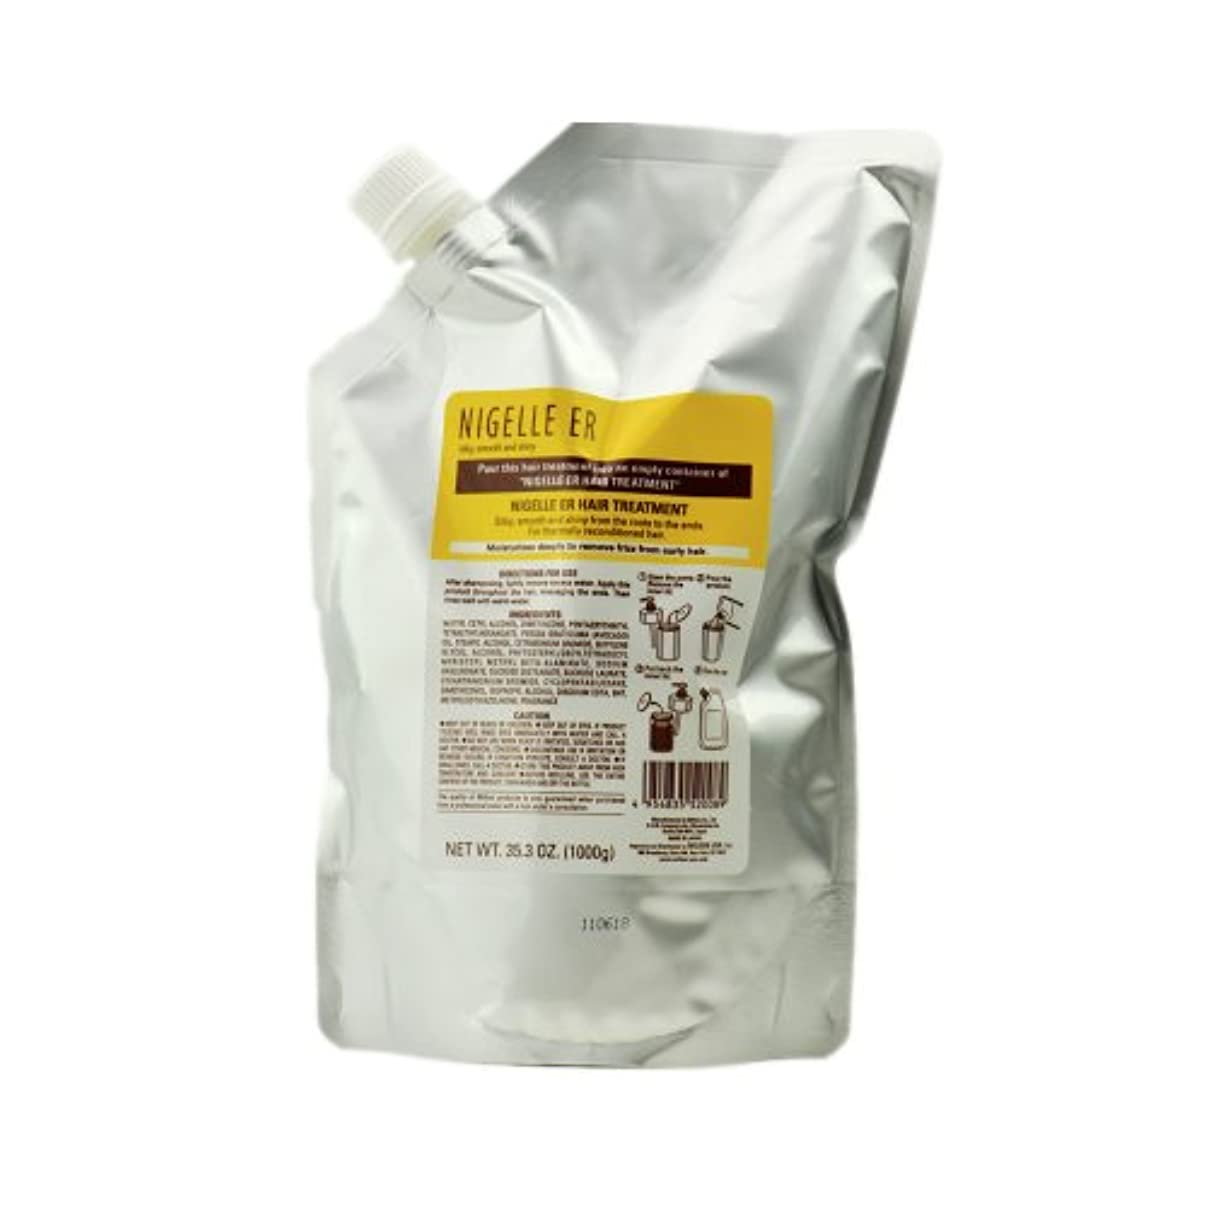 最近ハンディキャップ賞賛するNigelle ER Treatment, 35.3 oz - refill bag by Nigelle by Milbon